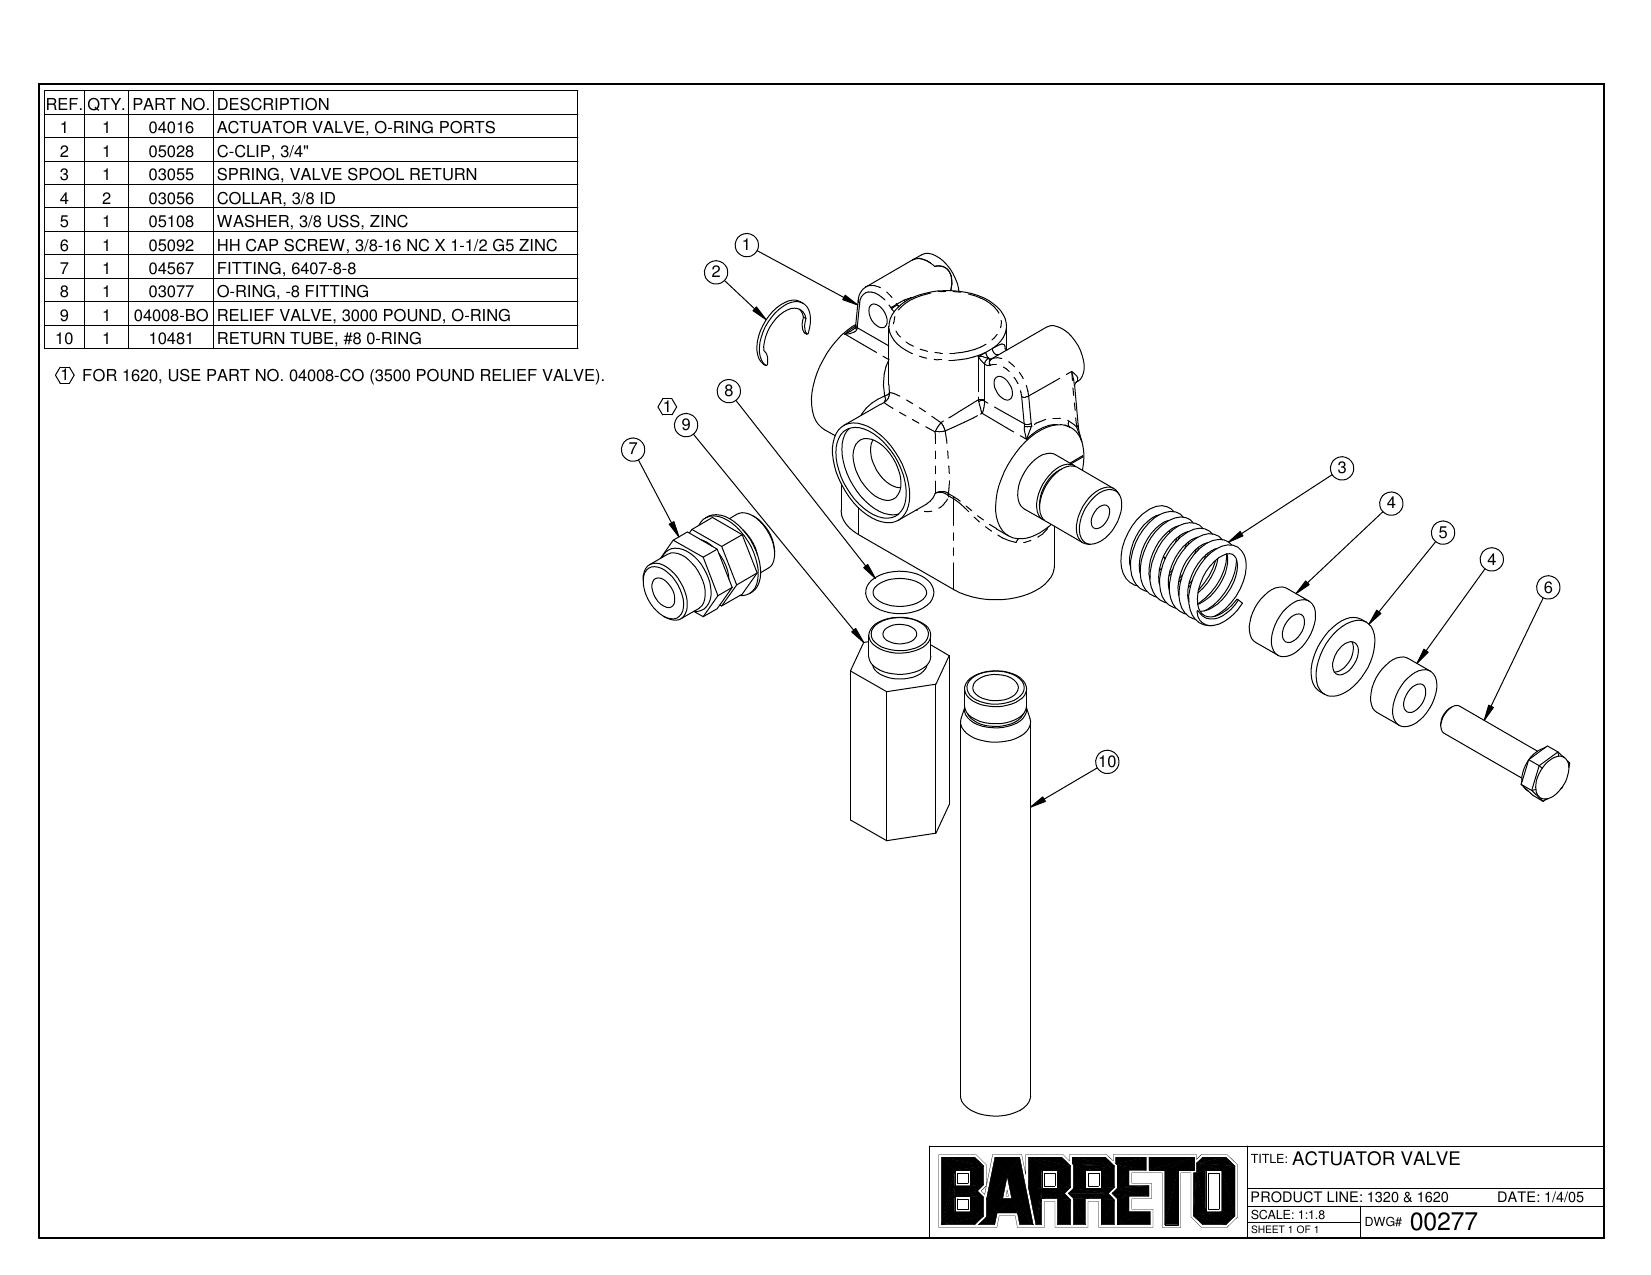 barreto 1320 1620 exploded views manualzz com Commercial Heavy Duty Tiller at Barreto Tiller Wiring Diagram